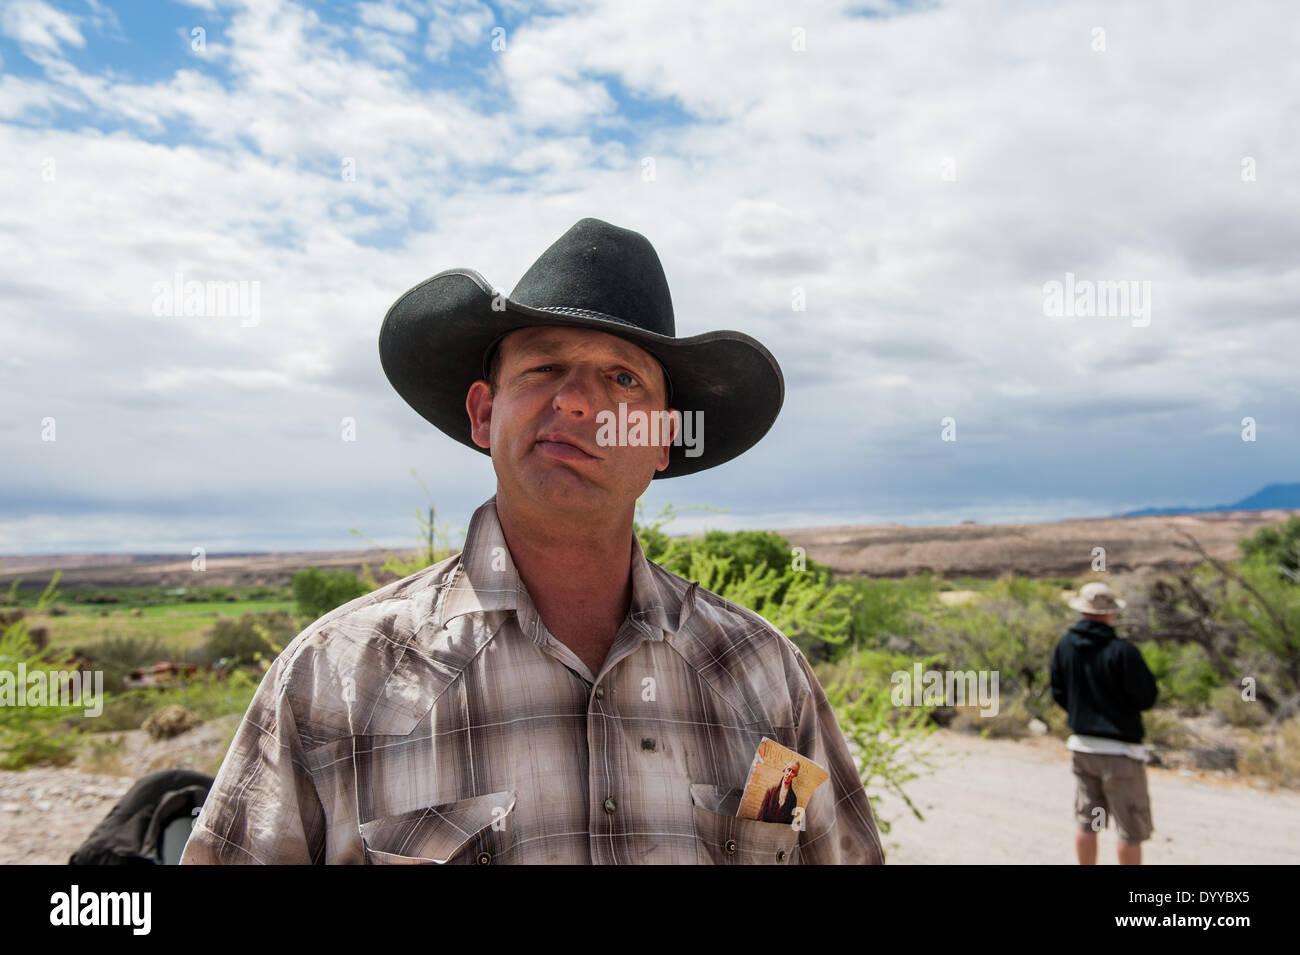 Bunkerville, Nevada, Stati Uniti d'America. 26 apr 2014. RYAN BUNDY, figlio di C. Bundy, parla alla stampa su Bundy nel suo ranch vicino a Bunkerville, Nev. Ryan Bundy ha detto che il suo padre, un proprietario terriero merlata a causa di più di 1 milione di dollari in passato a causa di tasse di pascolo per il Bureau of Land Management per pascolare il suo bestiame sulla terra BLM, non saranno più tenere conferenze stampa perché, egli sostiene, la stampa ha selvaggiamente abbia citato erroneamente il suo padre. © sarà Seberger/ZUMAPRESS.com/Alamy Live News Immagini Stock